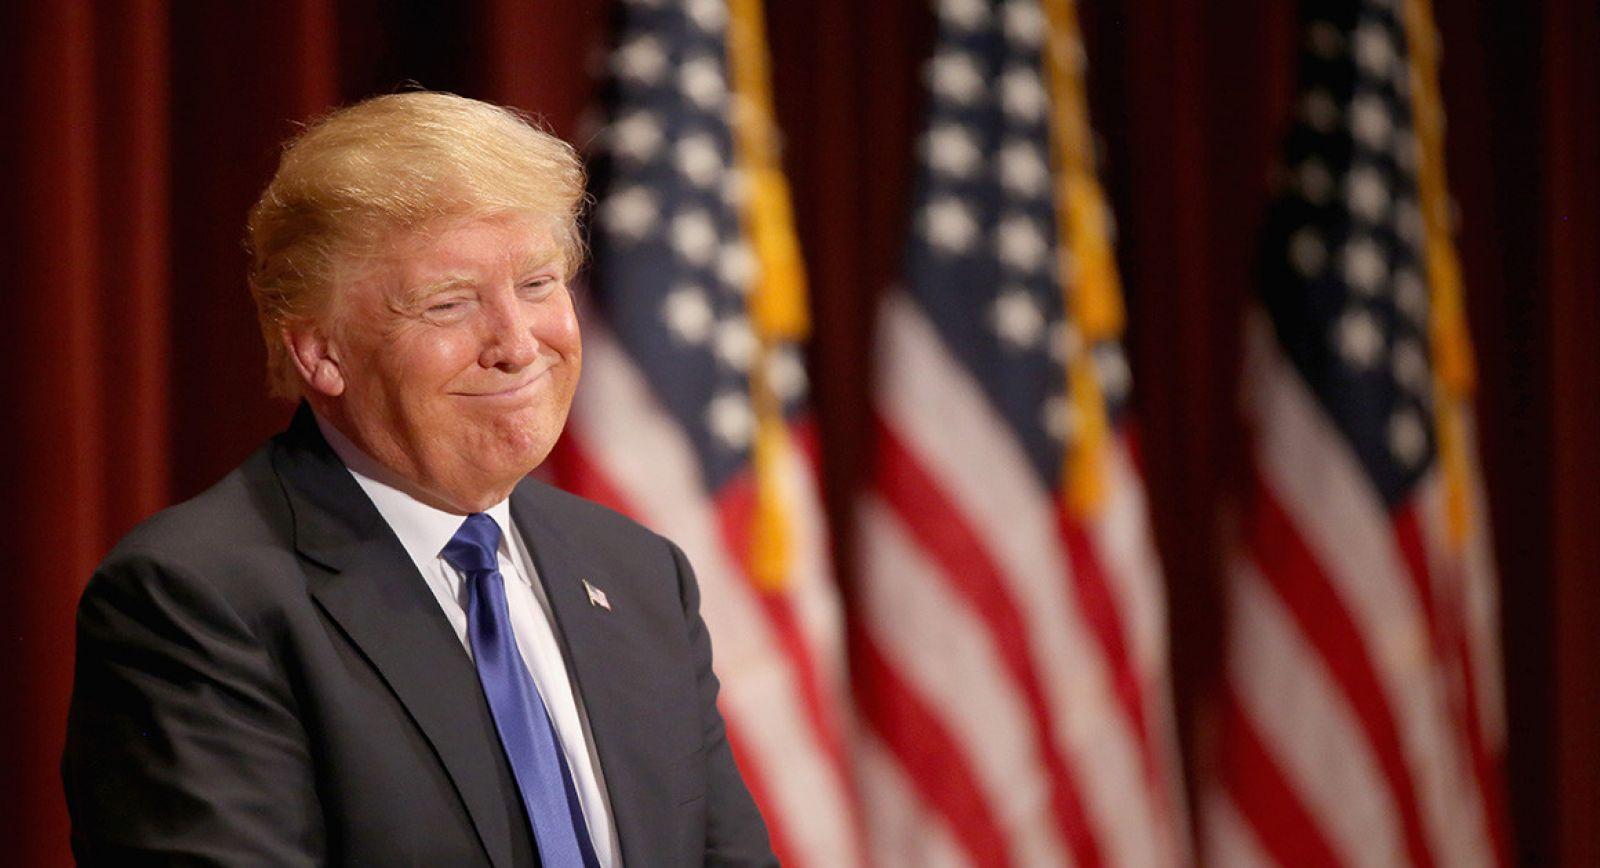 Победа Трампа: поздравления и предположения мировых лидеров